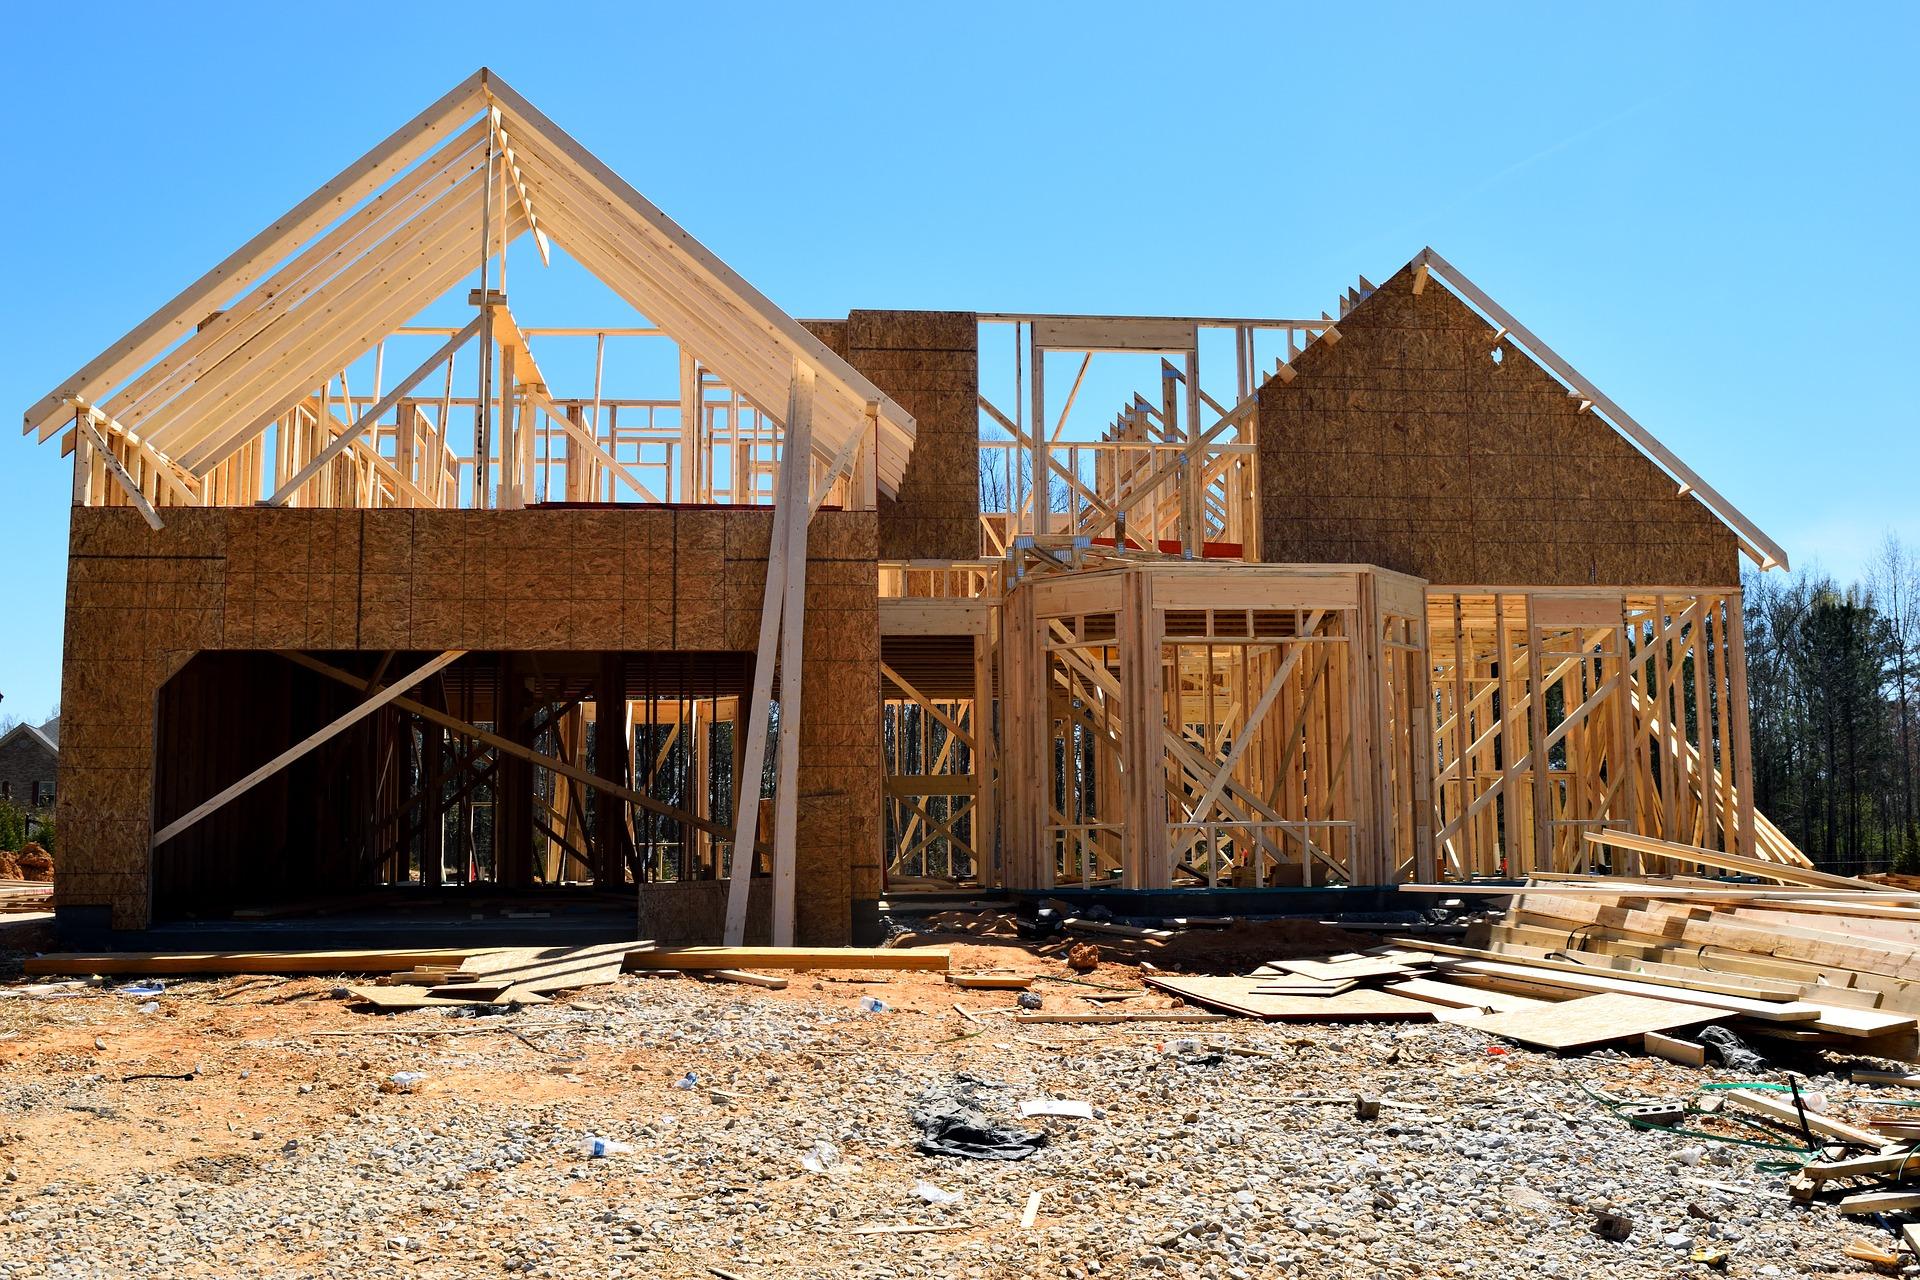 Wzrost cen materiałów budowlanych na przykładzie ostatnich lat